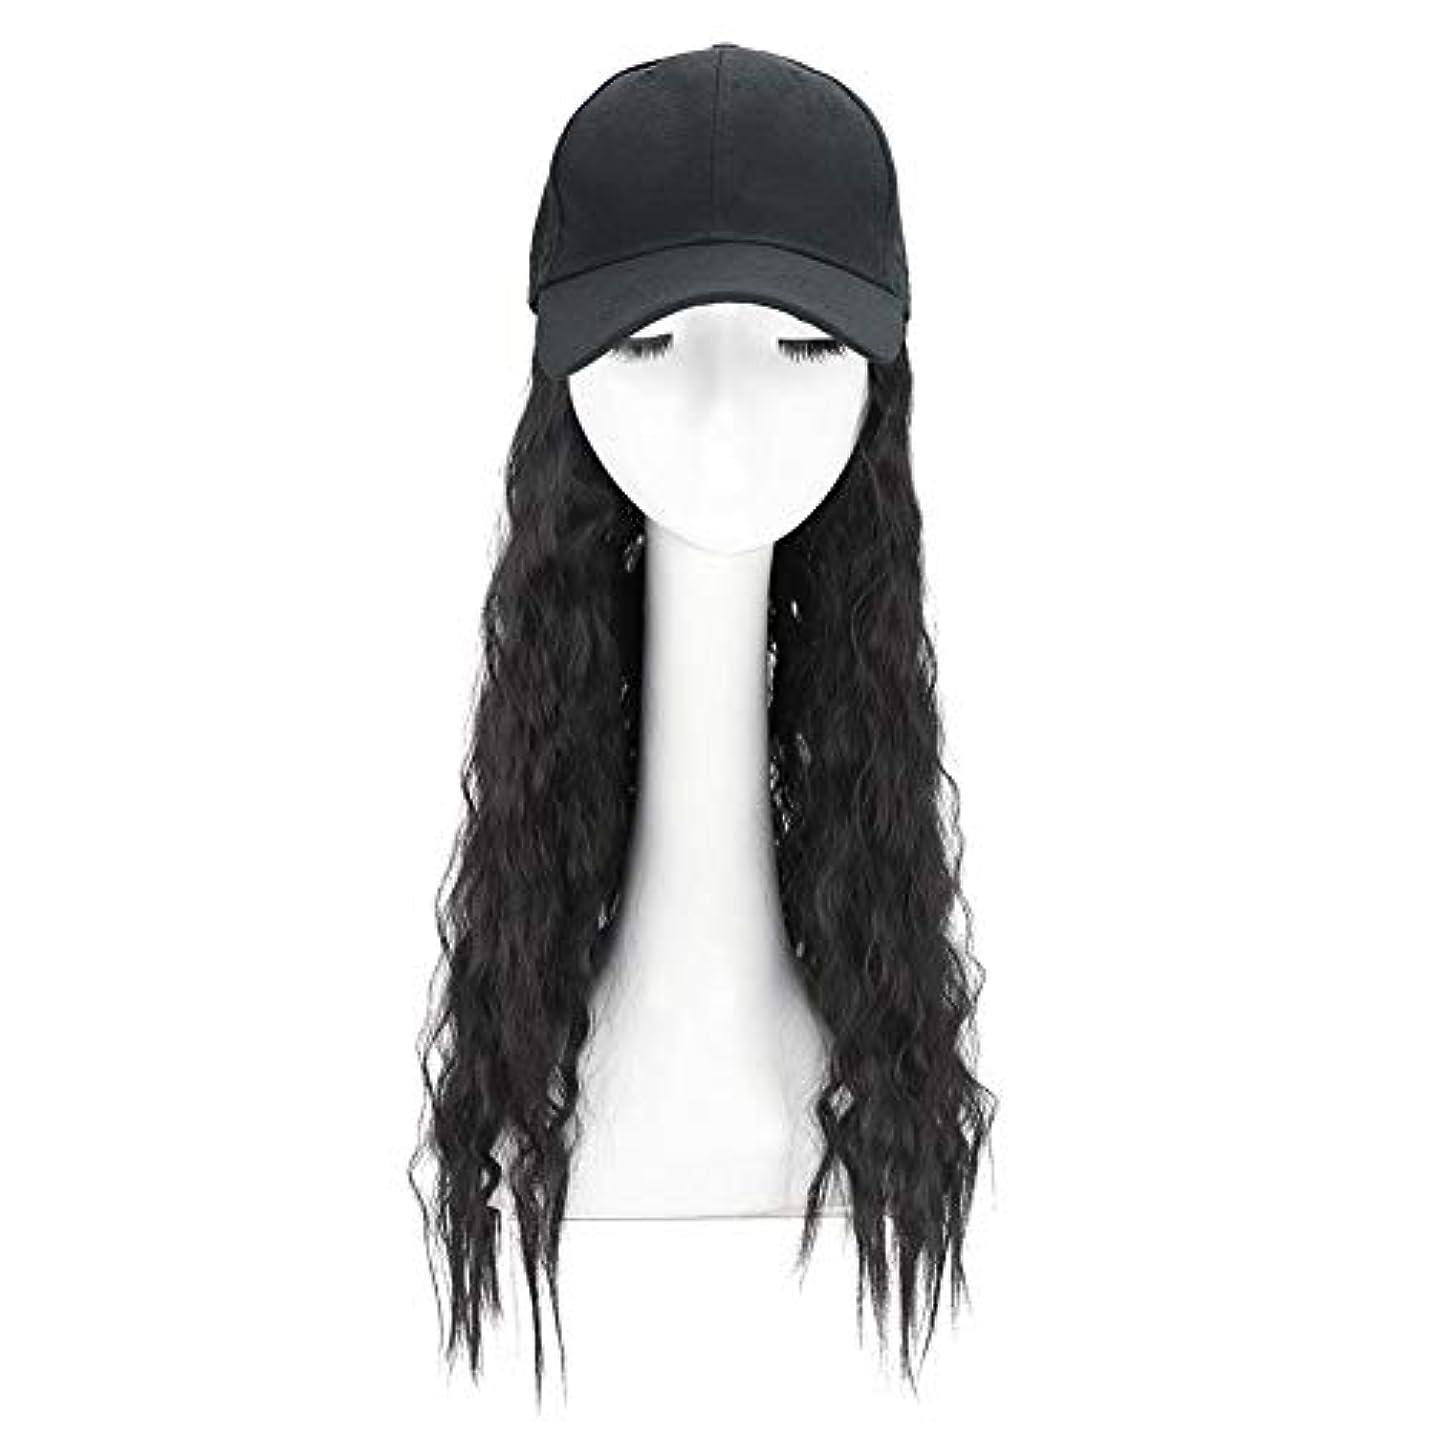 尊敬愛国的なぼろBrill(ブリーオ)帽子ロングカーリーウェーブ女性ファッション野球帽ブラックウィッグ